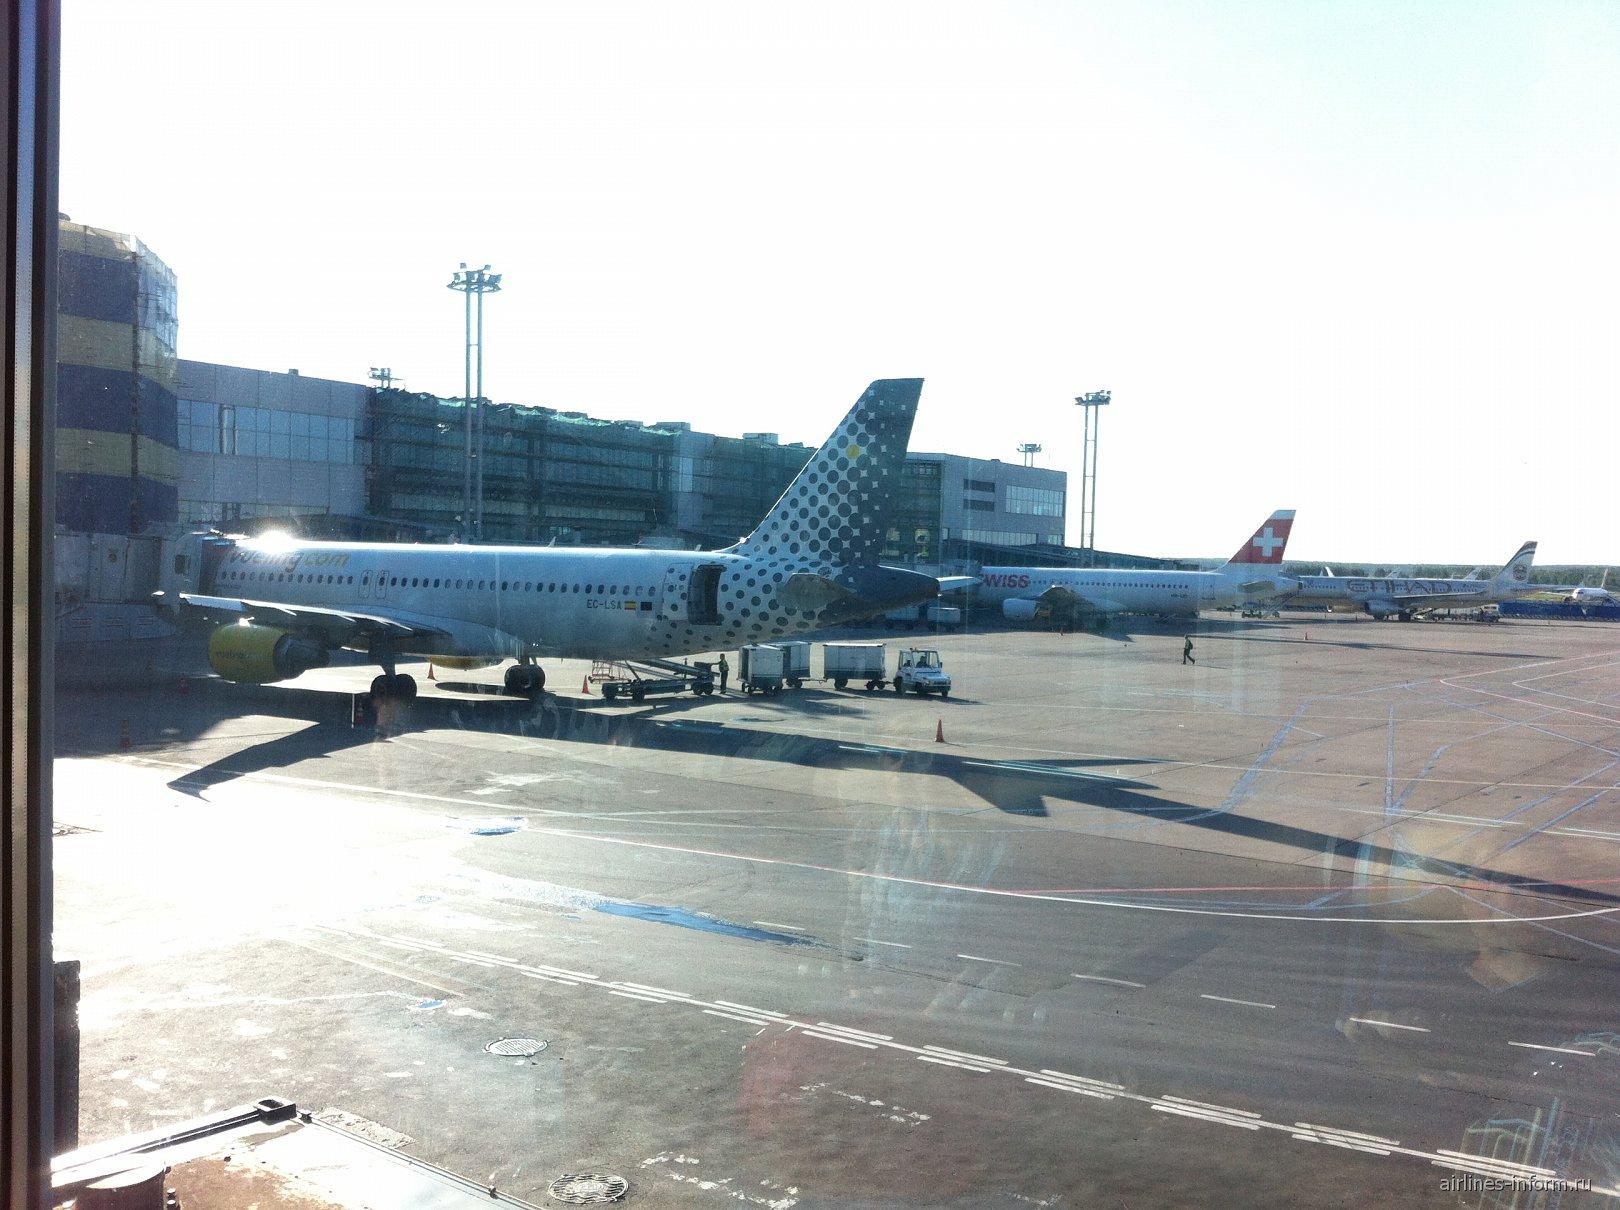 Вид из центра терминала аэропорта